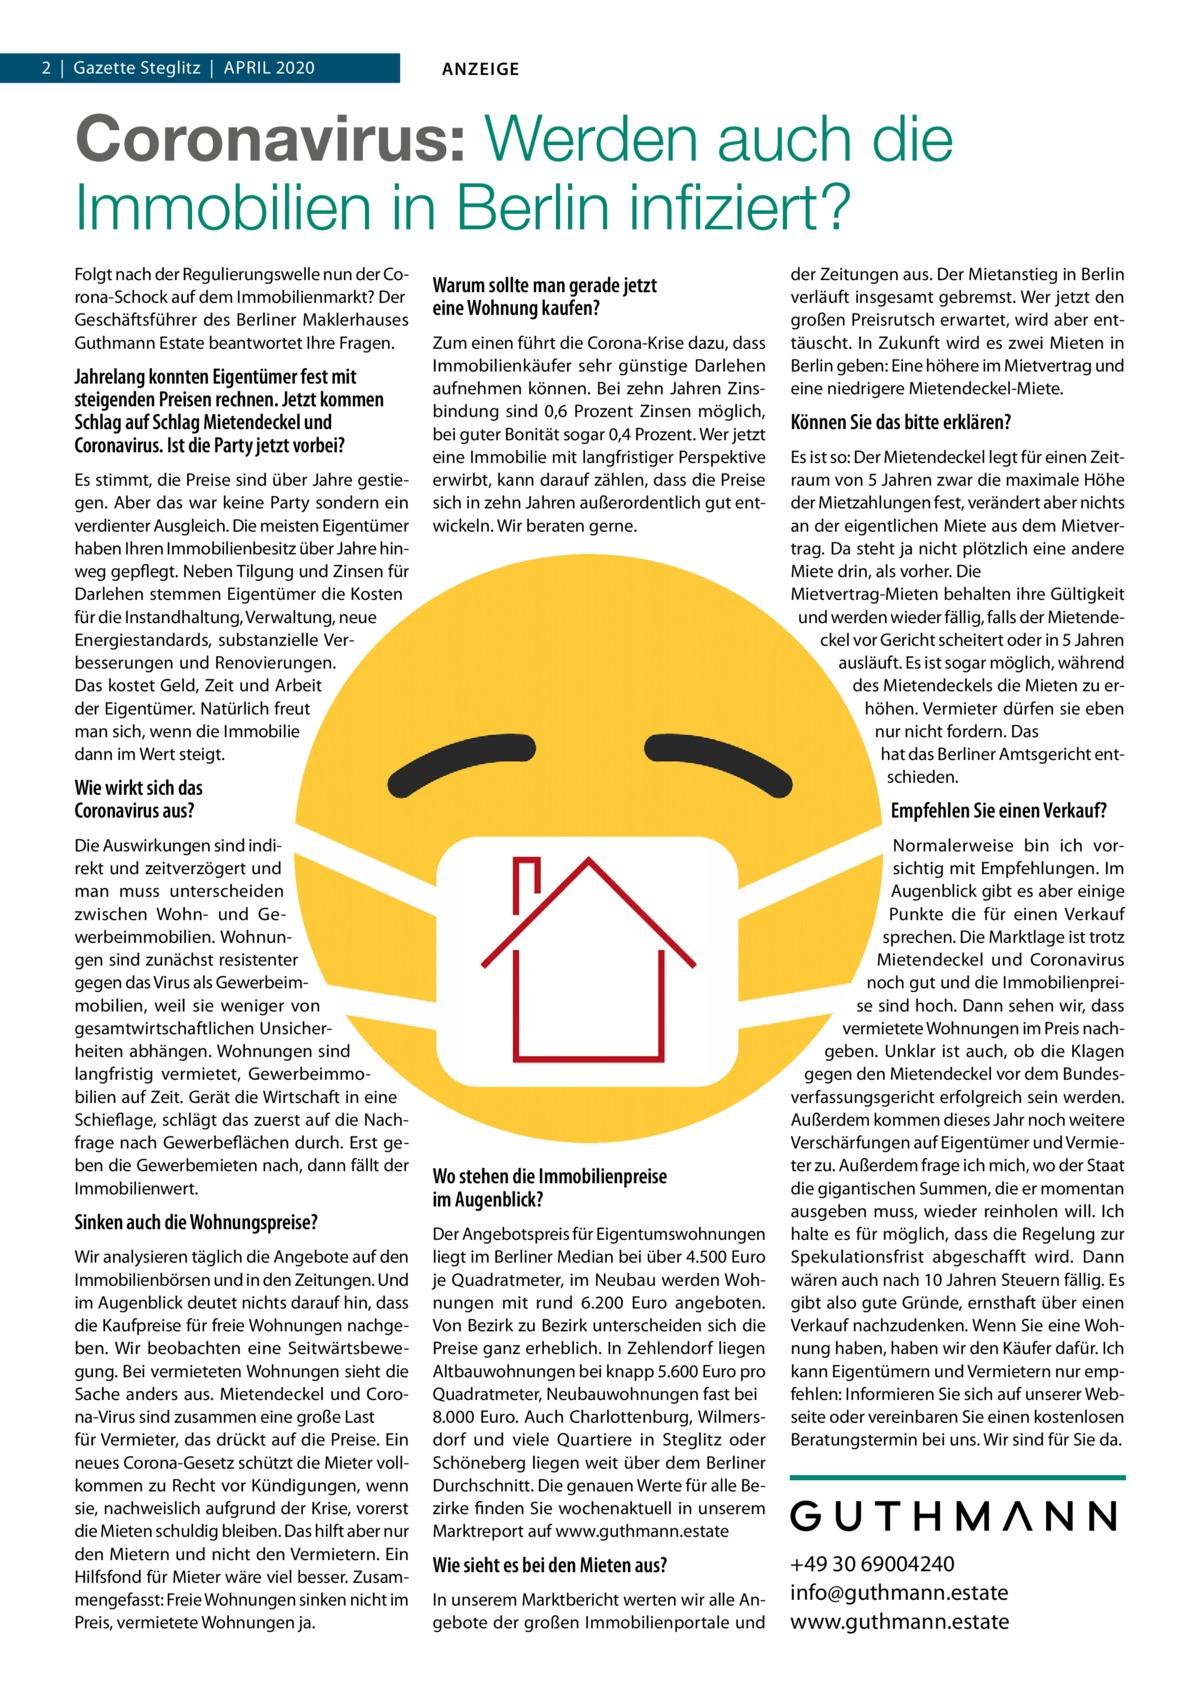 1  Gazette  Steglitz April 2020 Datei: Guthmann-2020-04.indd 2 Gazette 2020 ANZEIGE  Coronavirus, Mietendeckel, Wirtschaftsflaute:  Wie sicher sind Immobilien in Berlin noch? Wie sieht es bei den Mieten aus? In unserem Marktbericht werten wir alle Angebote der großen Immobilienportale und der Zeitungen aus. Der Mietanstieg in Berlin verläuft insgesamt gebremst. Wer jetzt den großen Preisrutsch erwartet, wird aber enttäuscht werden. In Zukunft wird es zwei Mieten in Berlin geben: Eine höhere im Mietvertrag und eine niedrigere Mietendeckel-Miete.  Können Sie das bitte erklären?  Folgt nach der Regulierungswelle nun der Corona-Schock auf dem Immobilienmarkt? Der Geschäftsführer des Berliner Maklerhauses Guthmann Estate und Gründer der digitalen Hausverwaltung Estate Services im Gespräch.  Herr Guthmann, jahrelang konnten Eigentümer fest mit steigenden Preise rechnen. Jetzt kommen Schlag auf Schlag Mietendeckel und Coronavirus. Ist die Party vorbei? Es stimmt, die Preise sind über Jahre gestiegen. Aber das war keine Party sondern ein verdienter Ausgleich. Die meisten Eigentümer haben Ihren Immobilienbesitz über Jahre hinweg gepflegt. Neben Tilgung und Zinsen für Darlehen stemmen Eigentümer die Kosten für die Instandhaltung, Verwaltung, neue Energiestandards, substanzielle Verbesserungen und Renovierungen. All das kostet Geld, Zeit und Arbeit der Eigentümer. Natürlich freut man sich, wenn die Immobilie dann im Wert steigt! Derzeit sehe ich nicht, dass substanzielle Wertverluste drohen. Allerdings bleiben die radikalen Regulierungsmaßnahmen durch rot-rot-grün und auch der Coronavirus nicht ohne Auswirkungen.  Wie wirkt sich das Coronavirus aus? Die Auswirkungen sind indirekt und zeitverzögert. Und man muss differenzieren zwischen Wohn- und Gewerbeimmobilien. Wohnungen sind resistenter gegen das Virus als Gewerbeimmobilien, weil sie weniger stark von ge samtwirtschaftlichen Unsicherheiten abhängen. Eine Wohnung ist langfristig vermietet, Gewerbeimmobilien immer auf Zeit. G